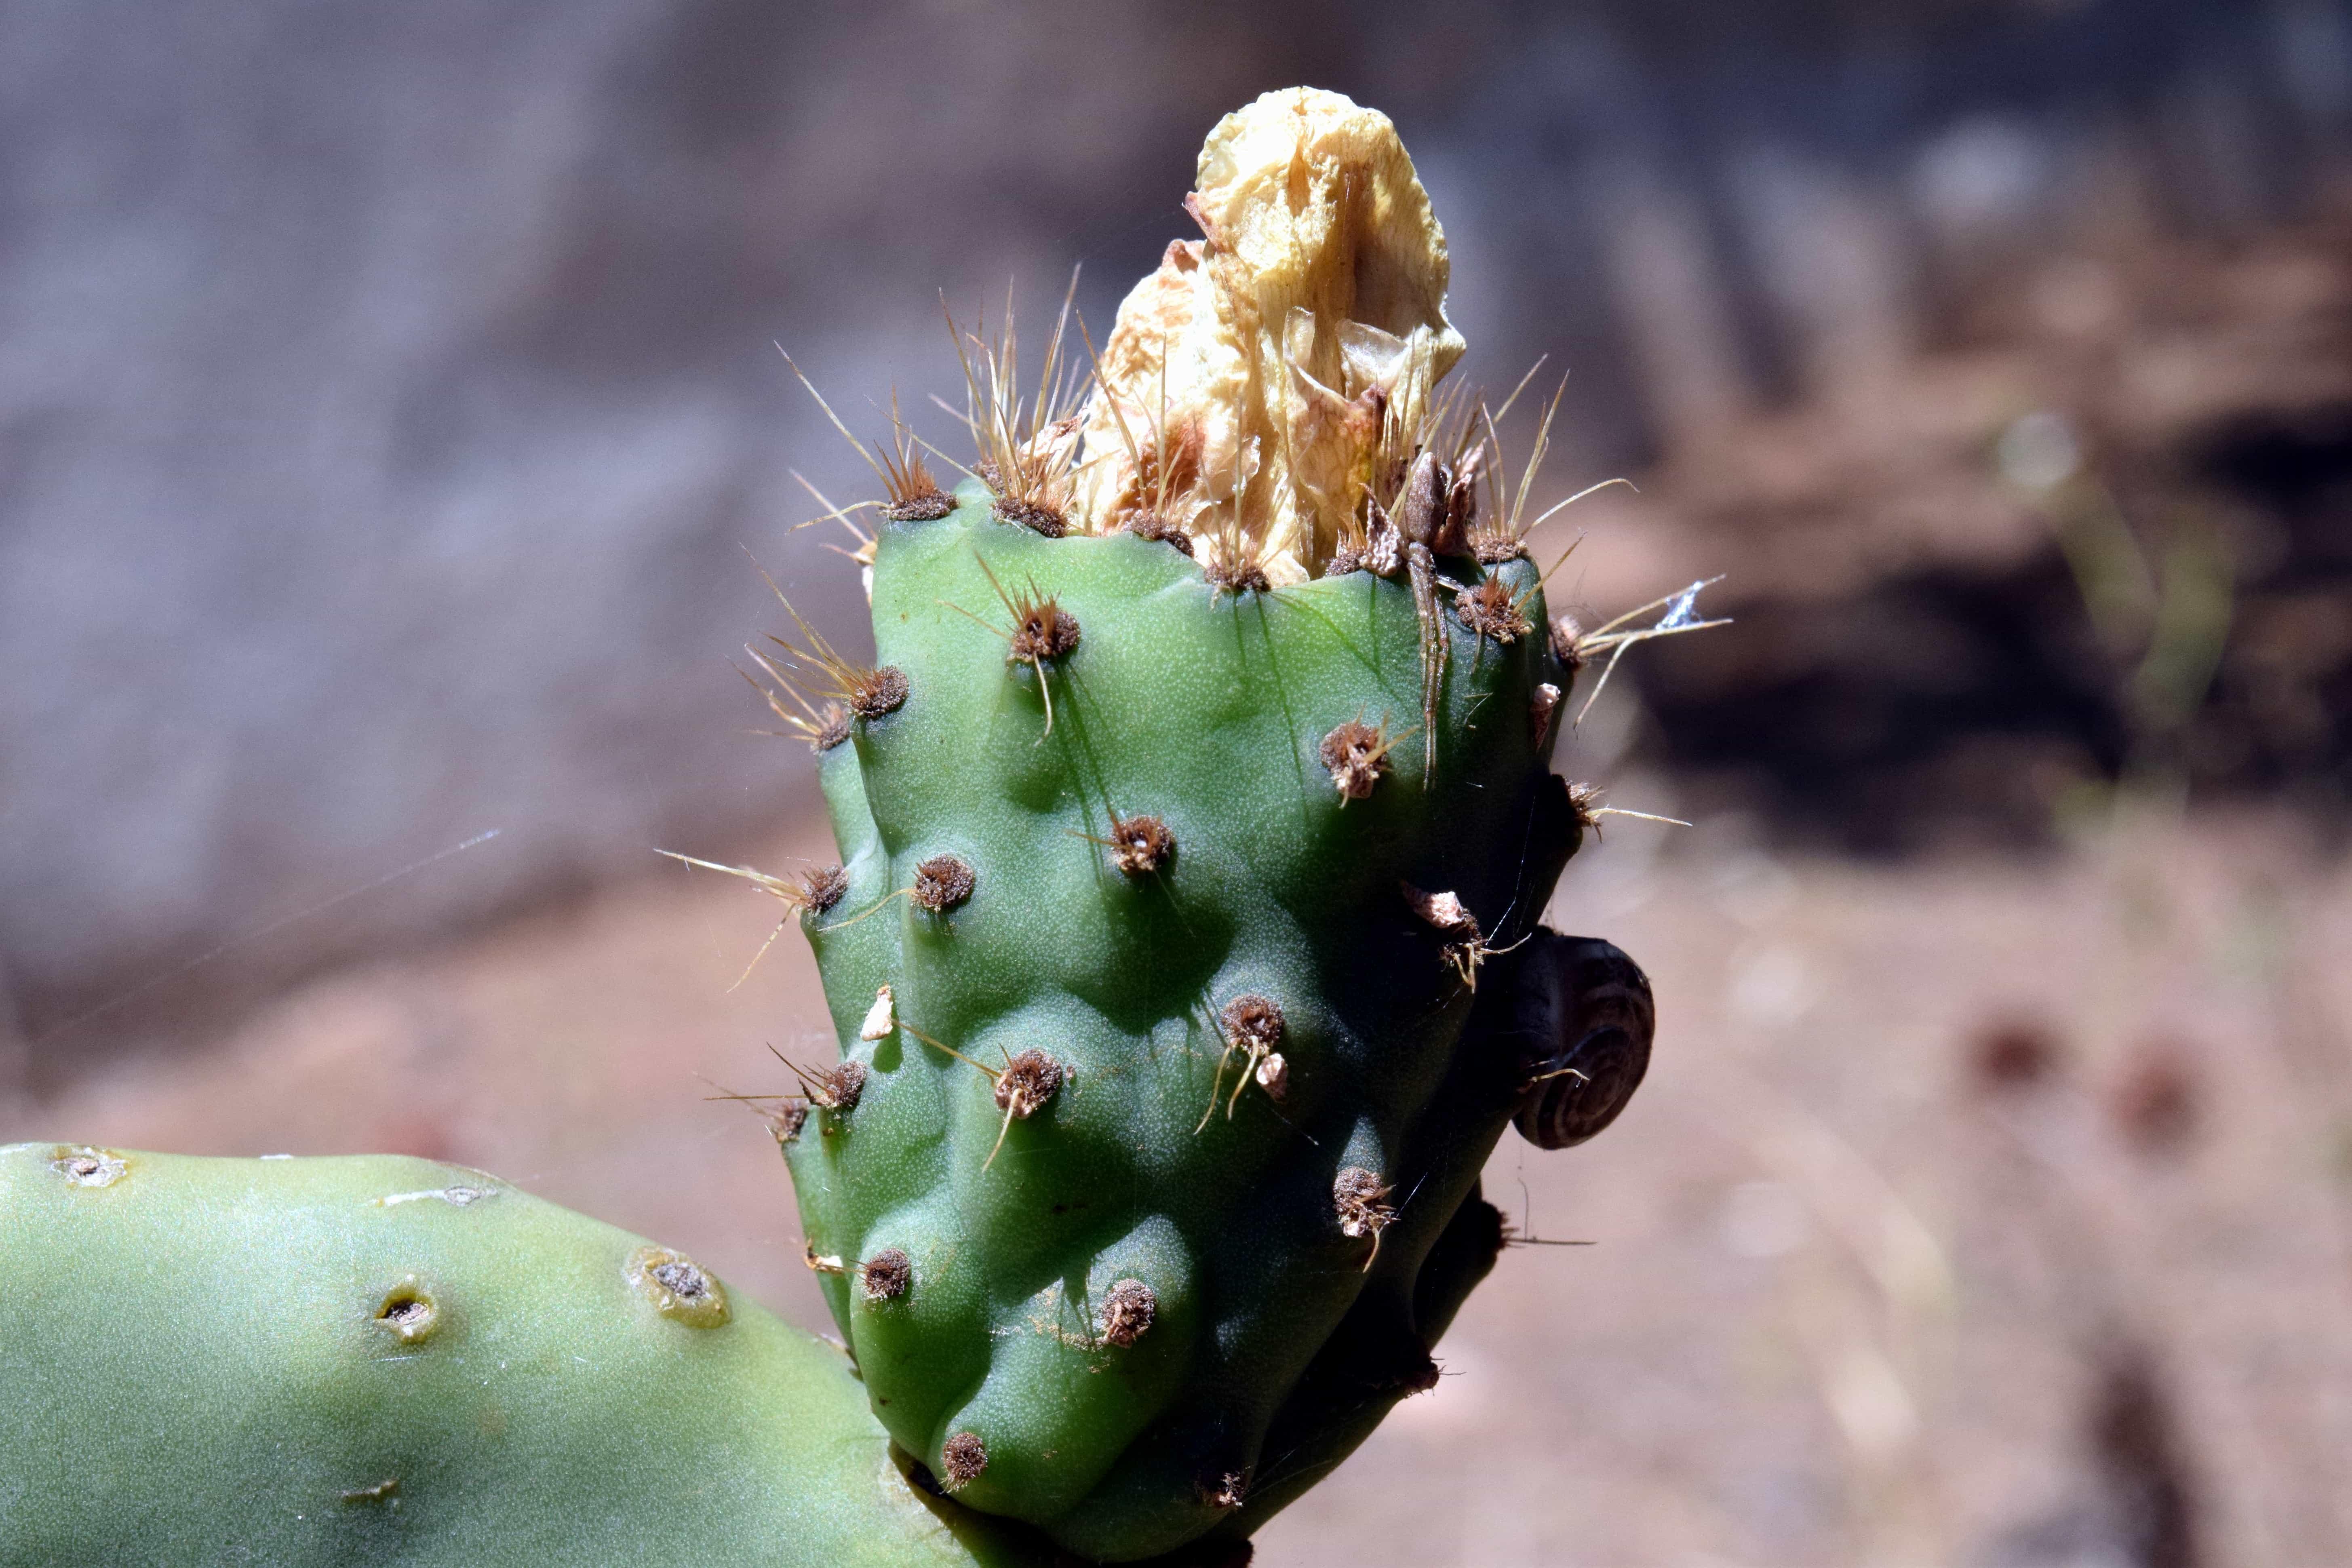 Imagen gratis agudo seco flora naturaleza cactus desierto al